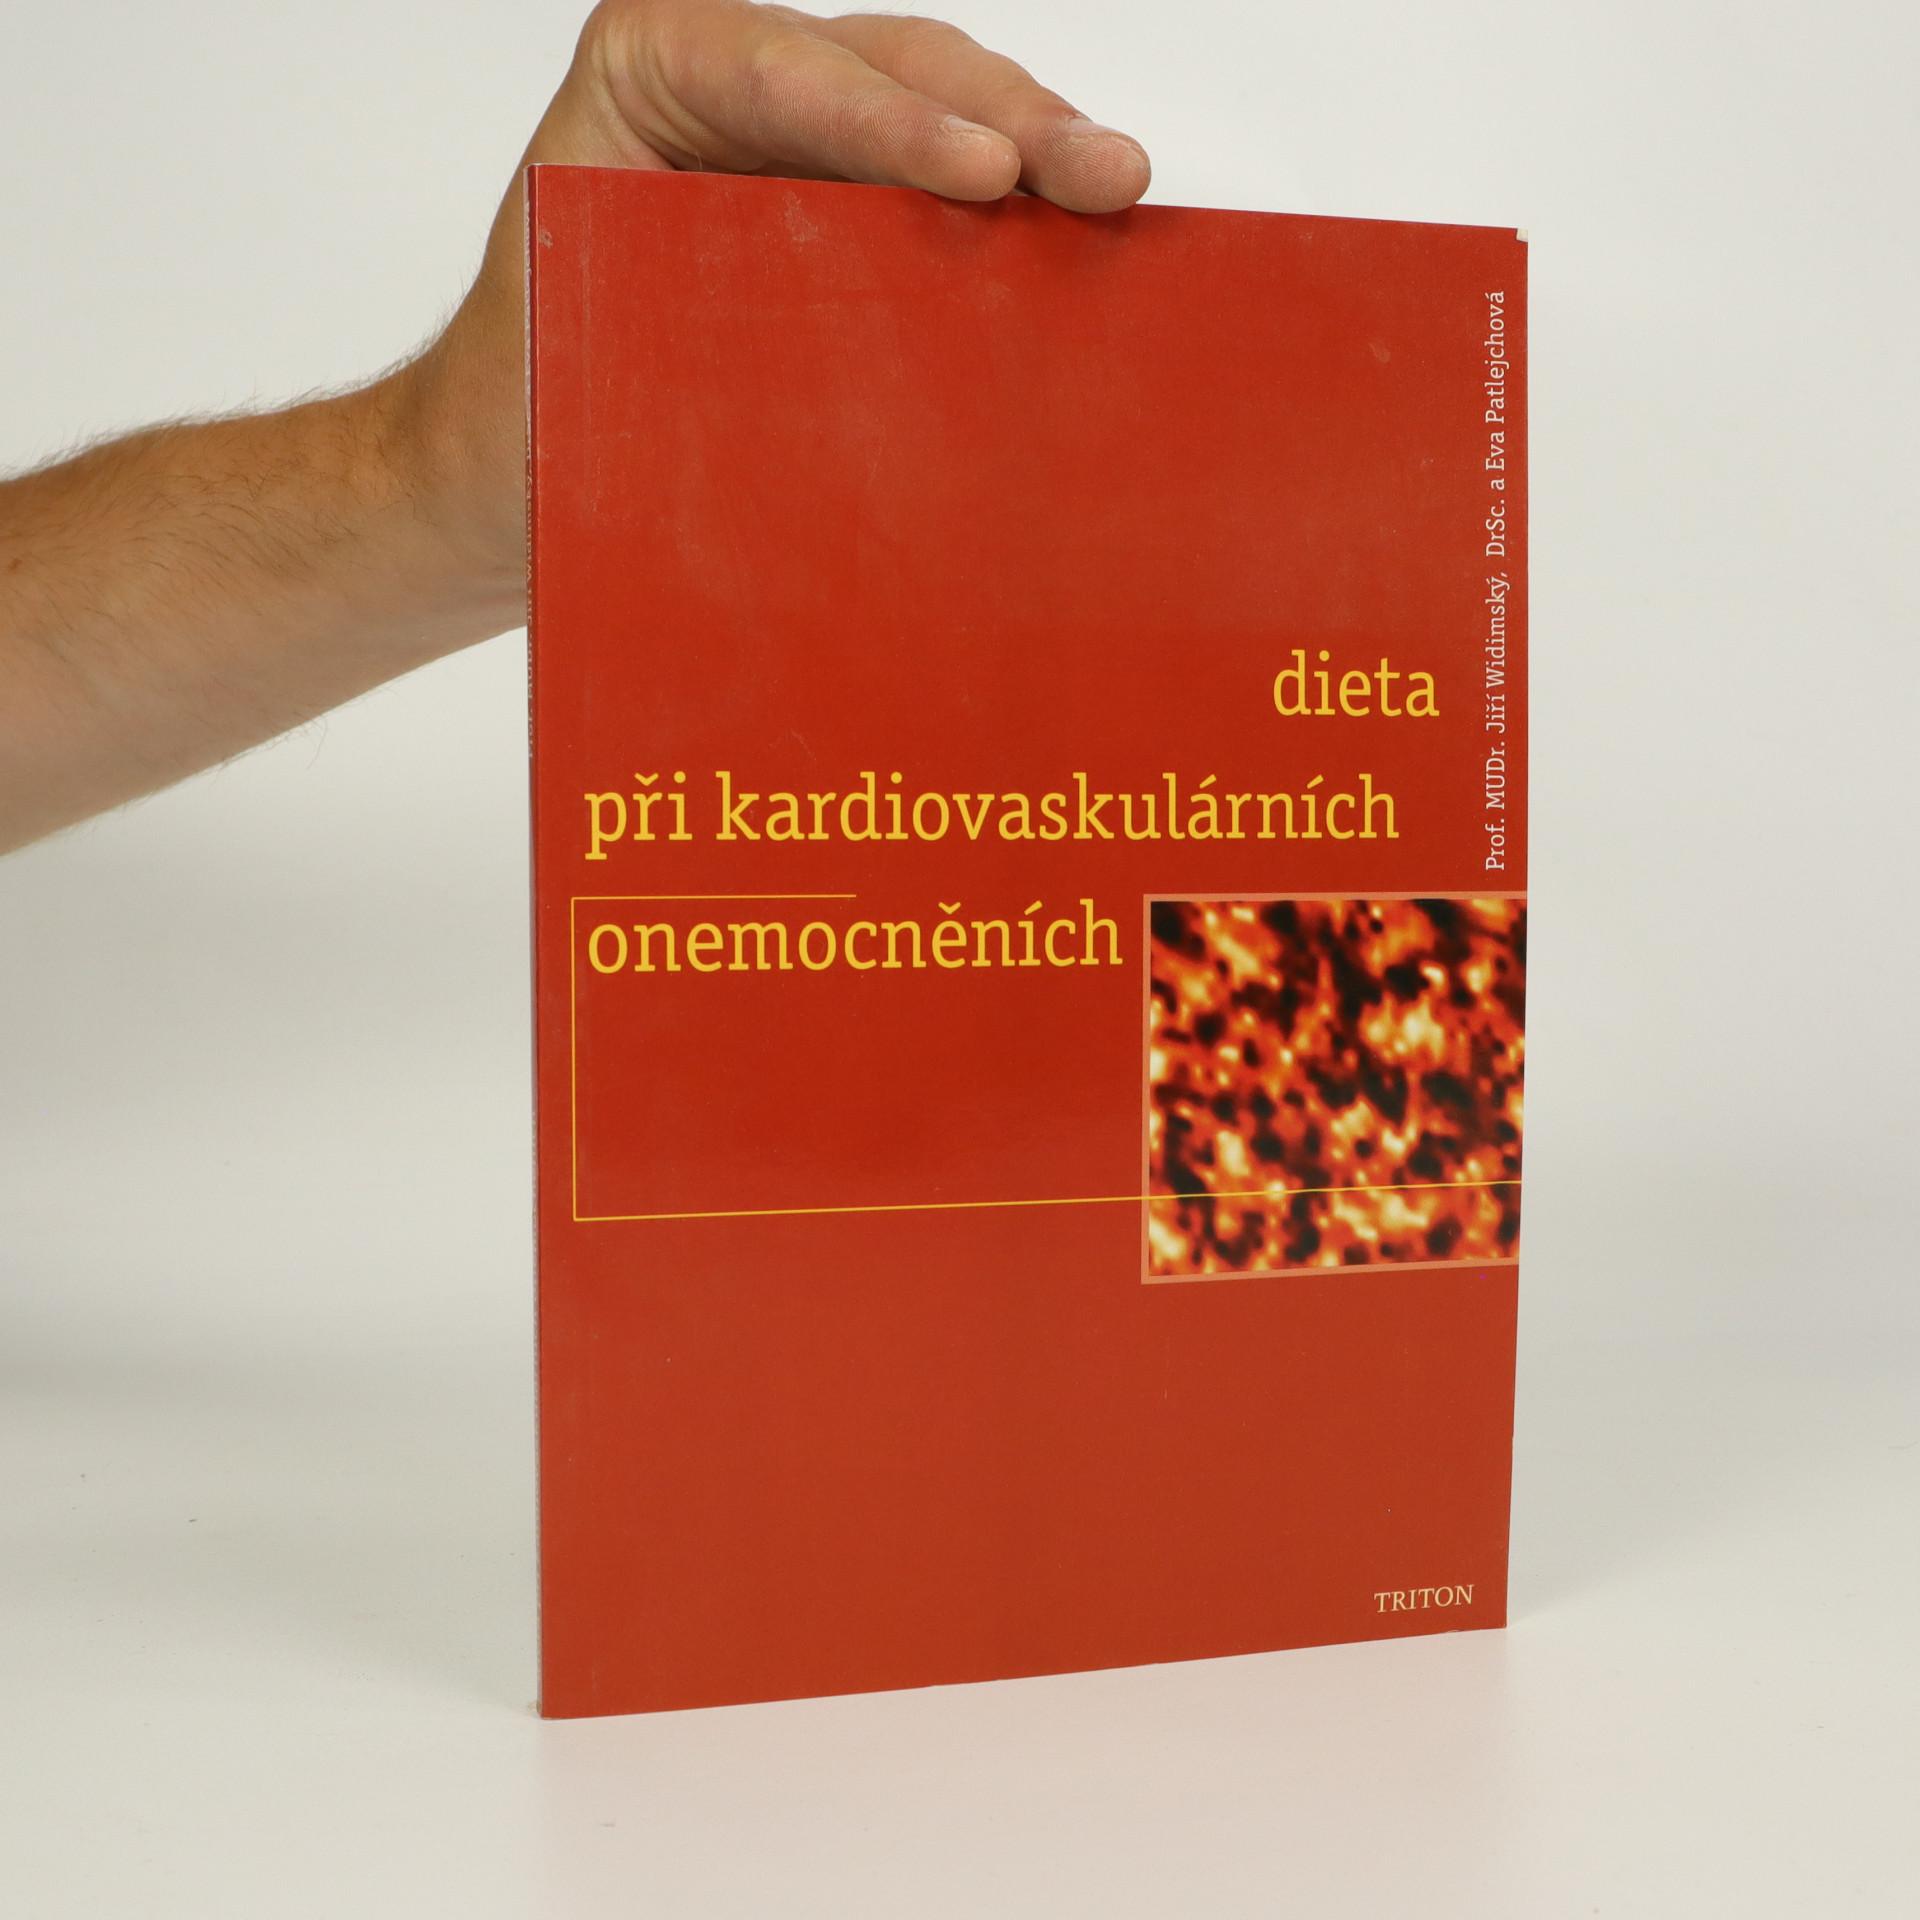 antikvární kniha Dieta při kardiovaskulárních onemocněních (kniha je cítit kouřem), 1999